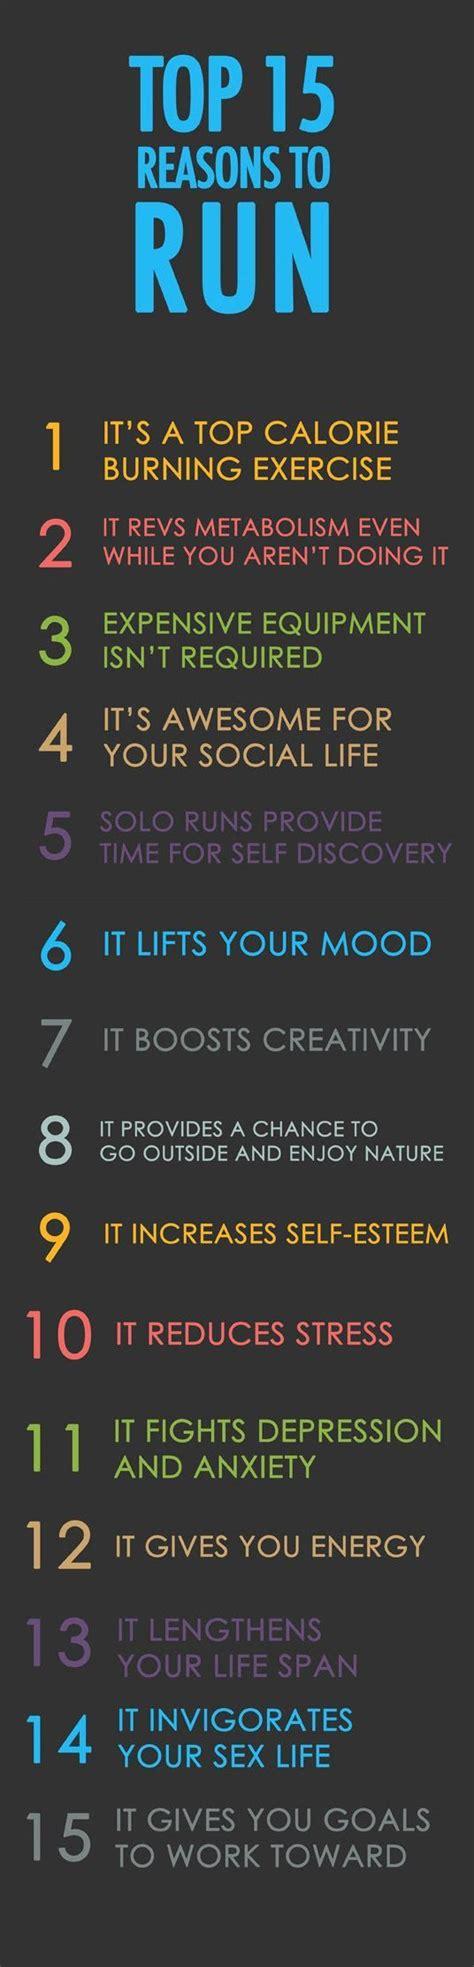 running tips motivation top 15 reasons to run running tips running